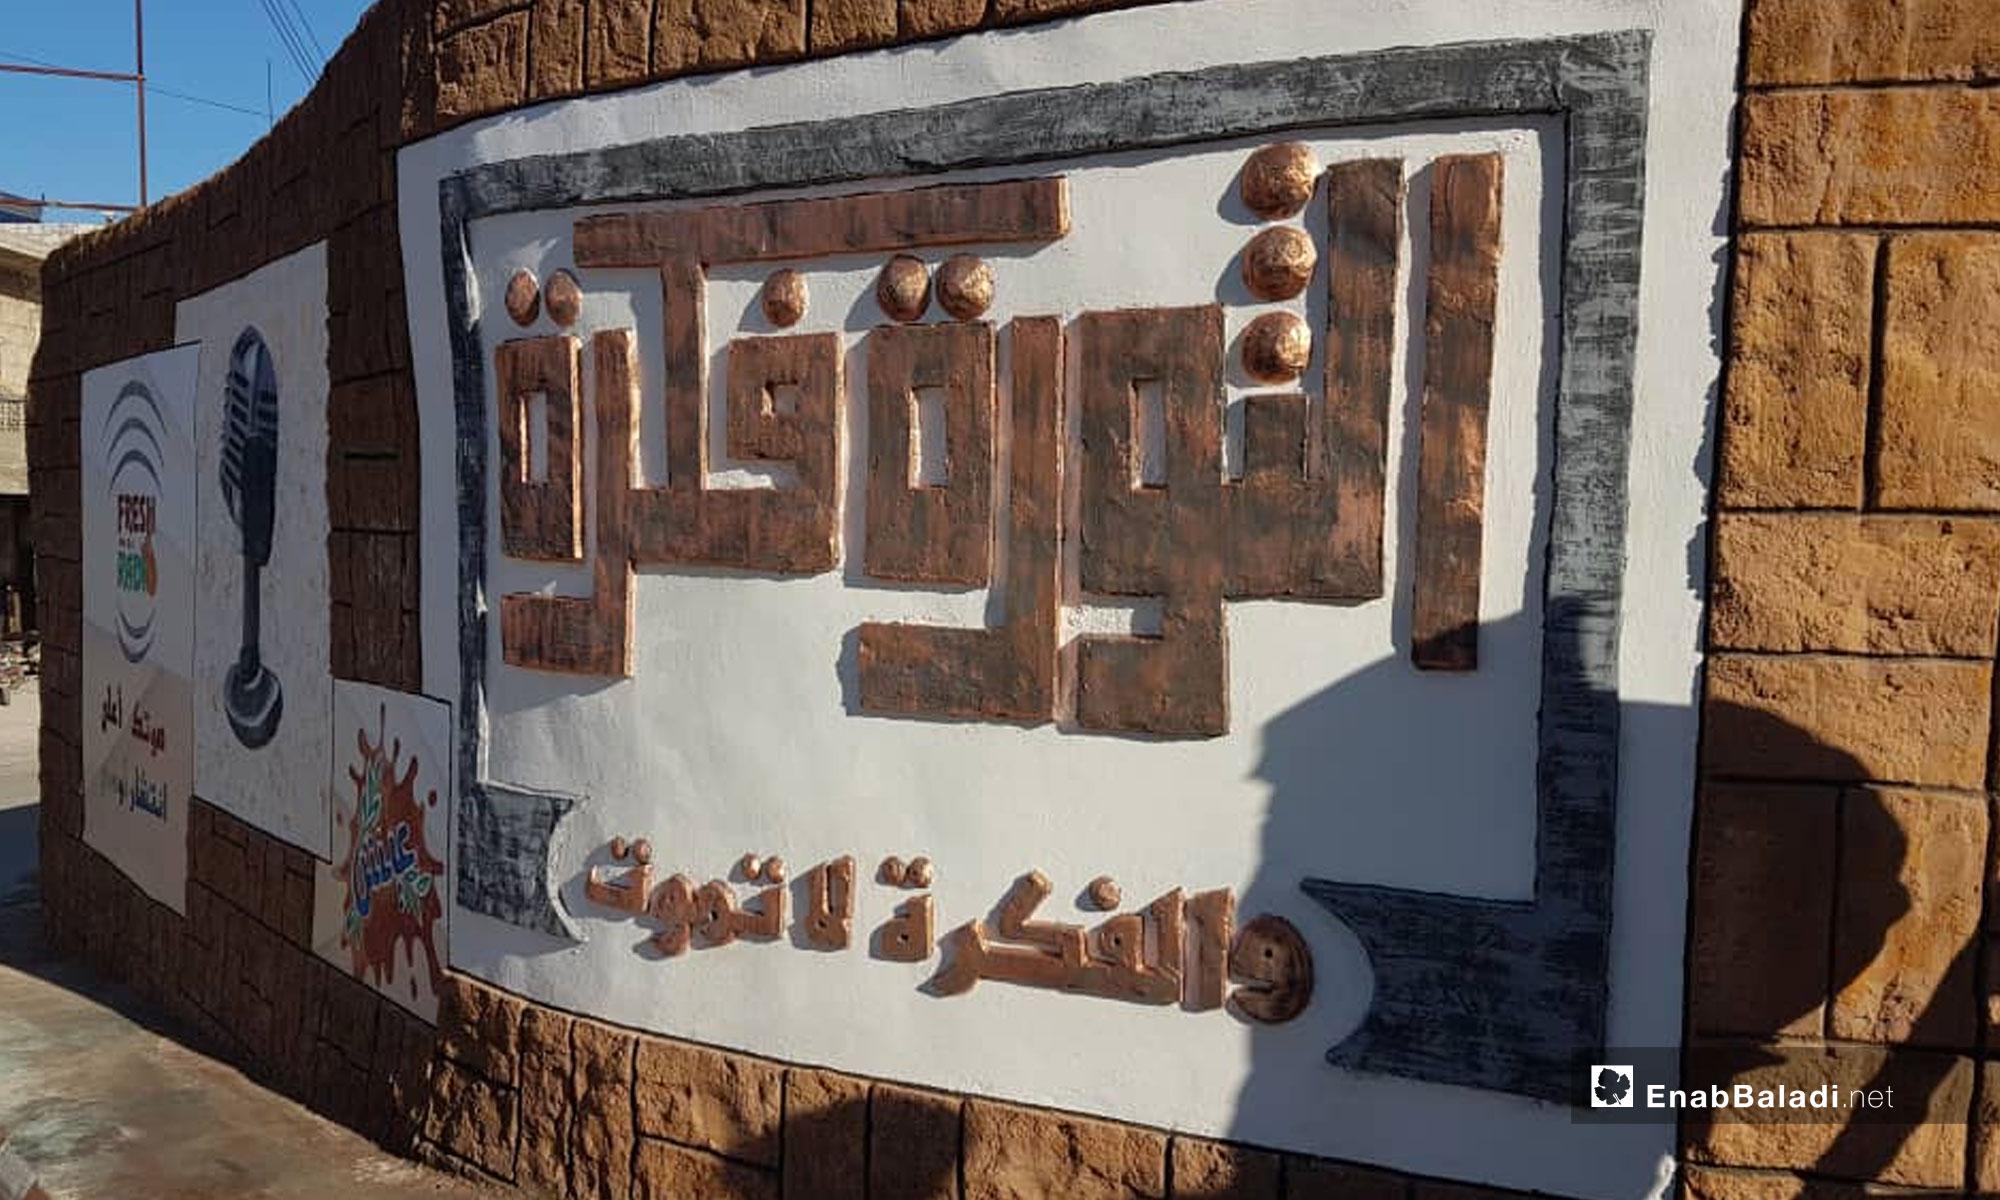 لوحة جدارية في كفرنبل تخليدًا لمقولة رائد فارس - 5 من شباط 2019 (عنب بلدي)